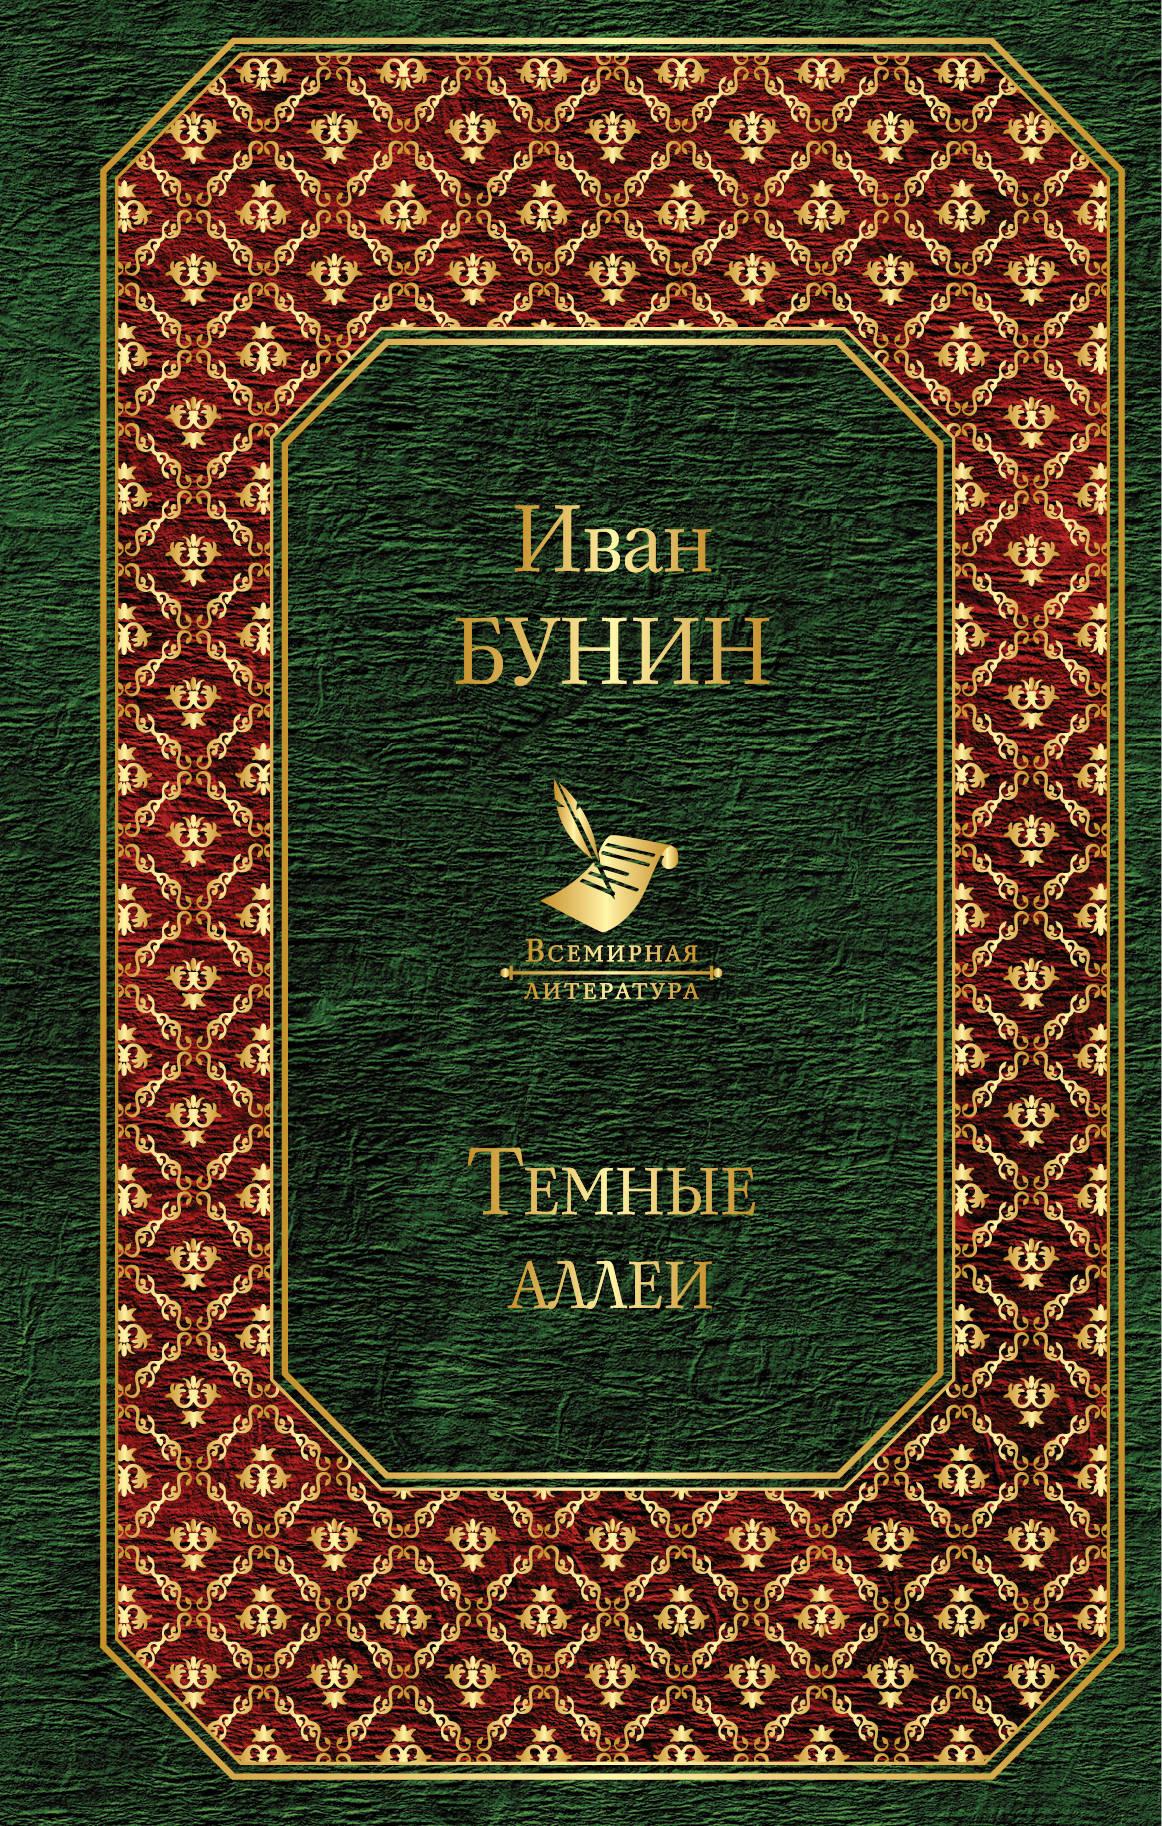 Иван Бунин Темные аллеи и а бунин дай мне звезду о радости любви и бытия